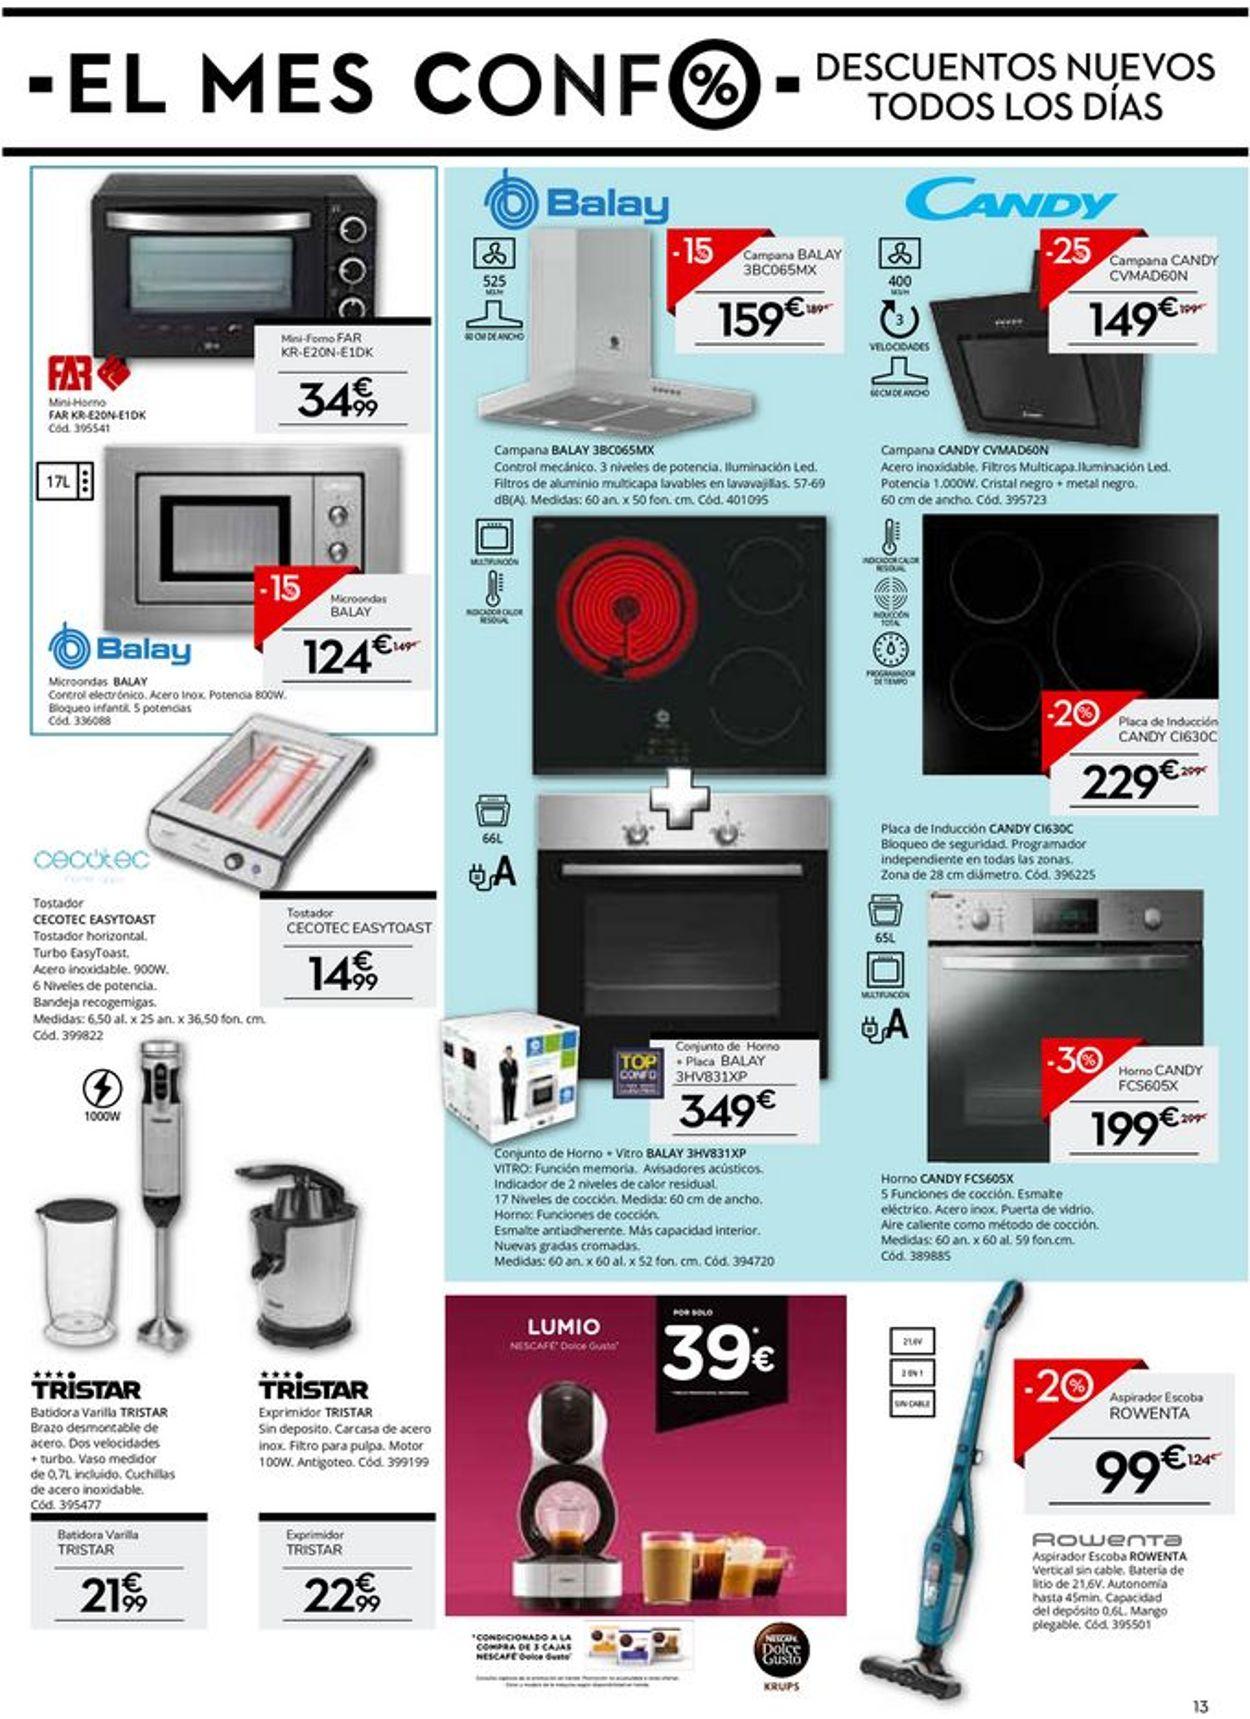 Conforama Folleto - 27.02-26.03.2020 (Página 13)